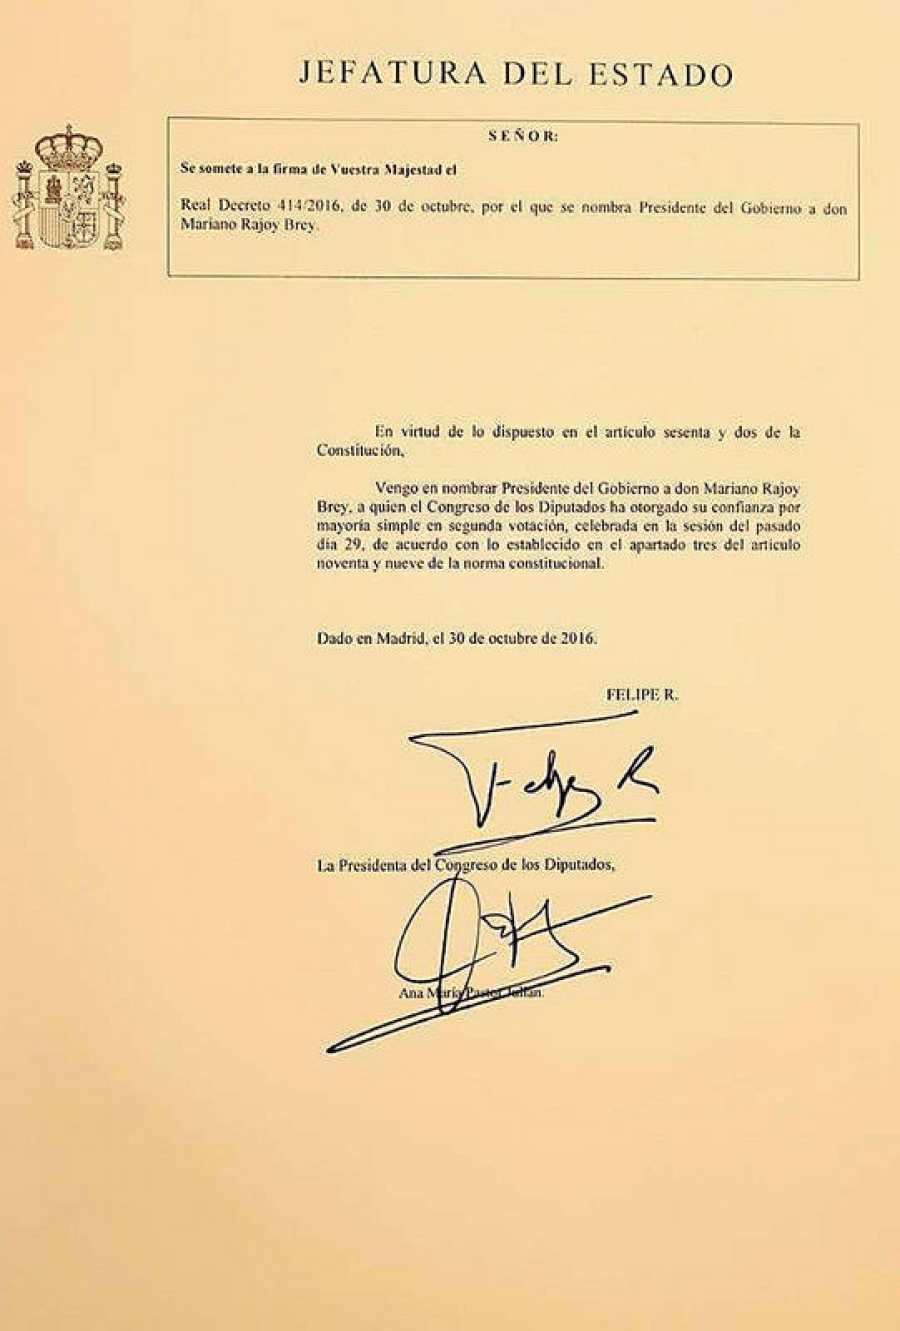 Documento del Real Decreto con el nombramiento de Mariano Rajoy